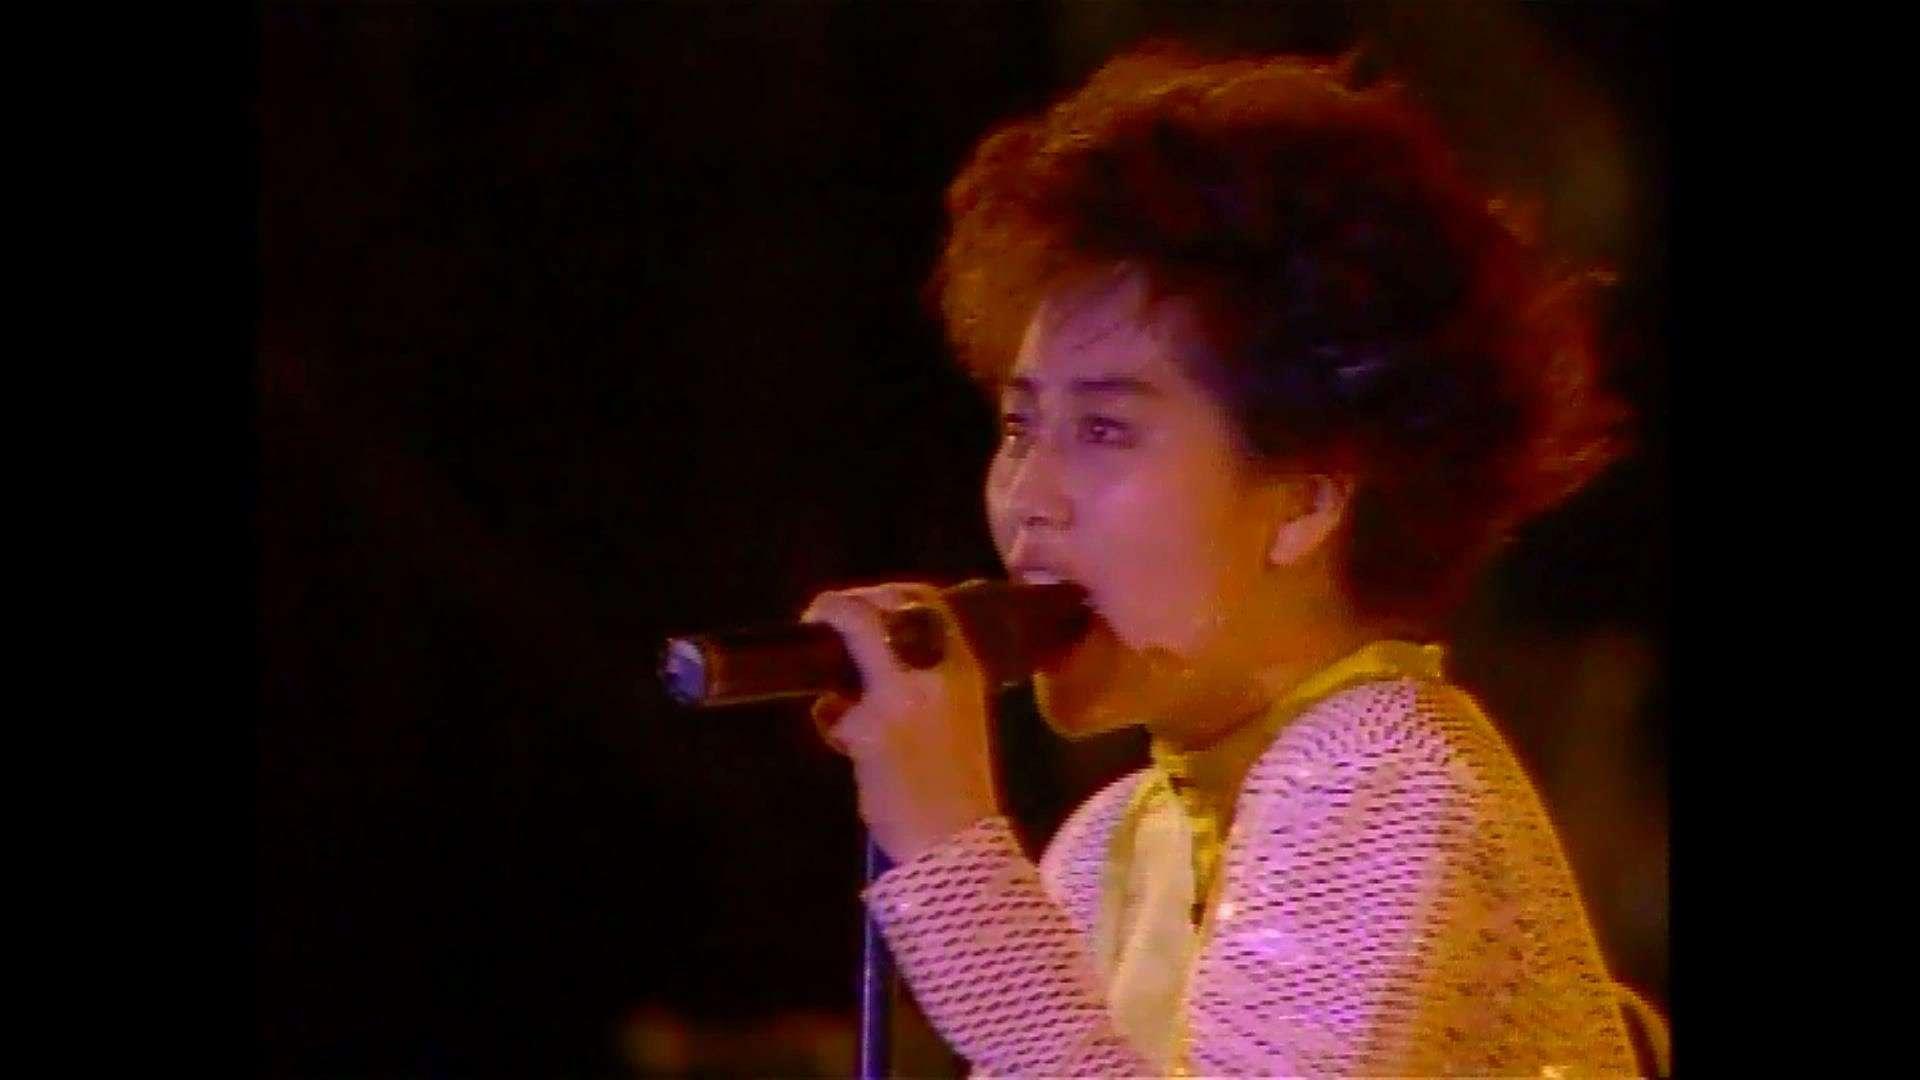 渡辺美里 「10 years」(Live in TOKYO DOME '89) - YouTube